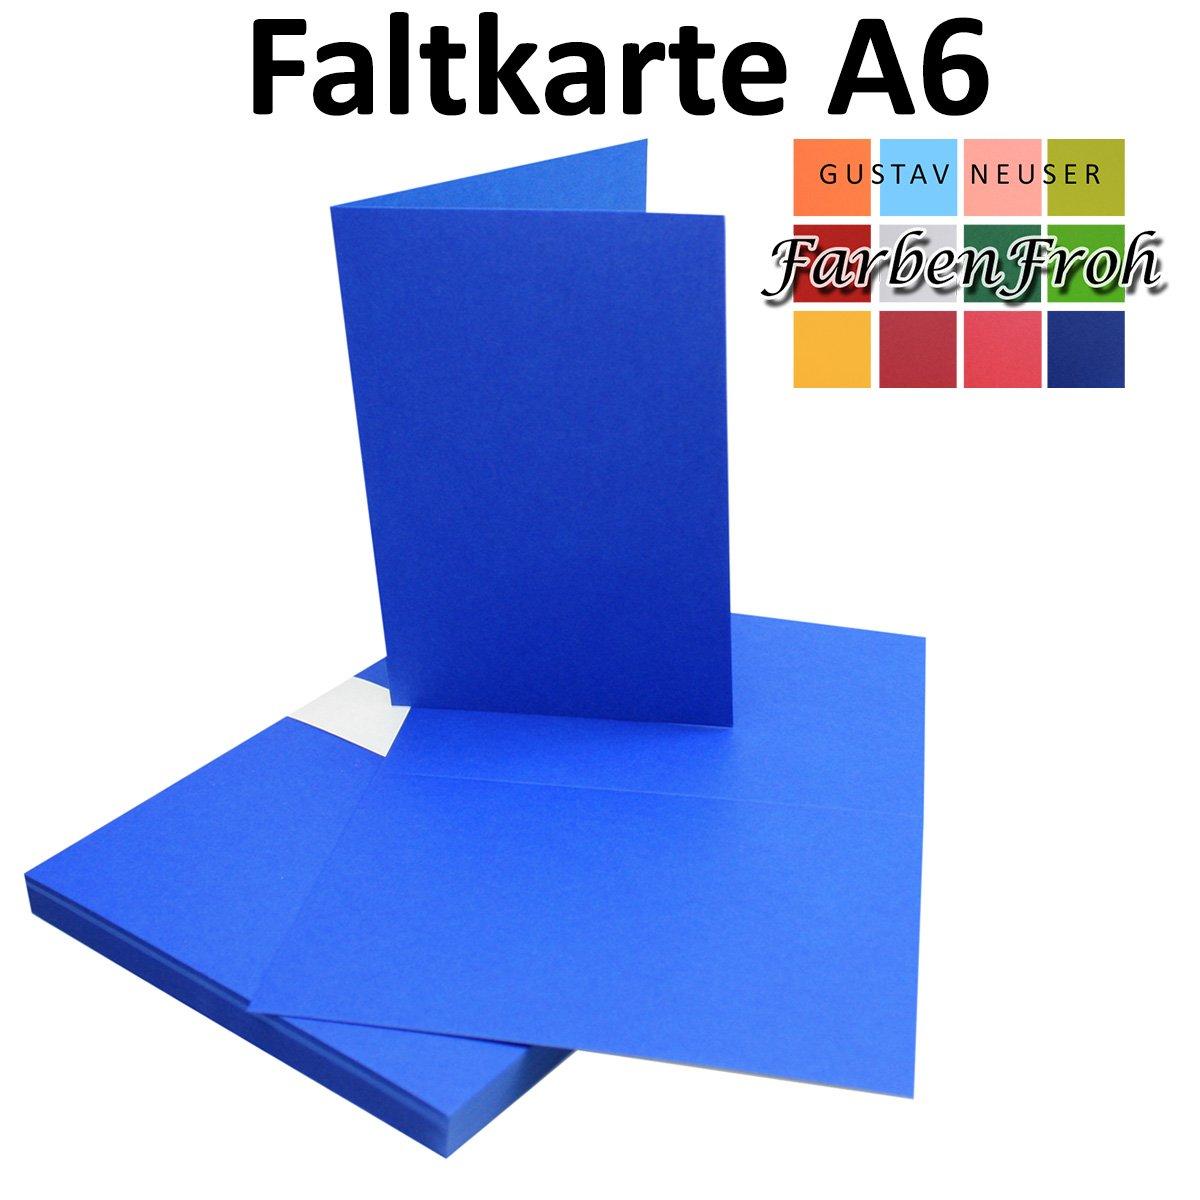 150x Falt-Karten DIN A6 Blanko Doppel-Karten in in in Vanille -10,5 x 14,8 cm   Premium Qualität   FarbenFroh® B079VKTK7Y | Tragen-wider  9d4977